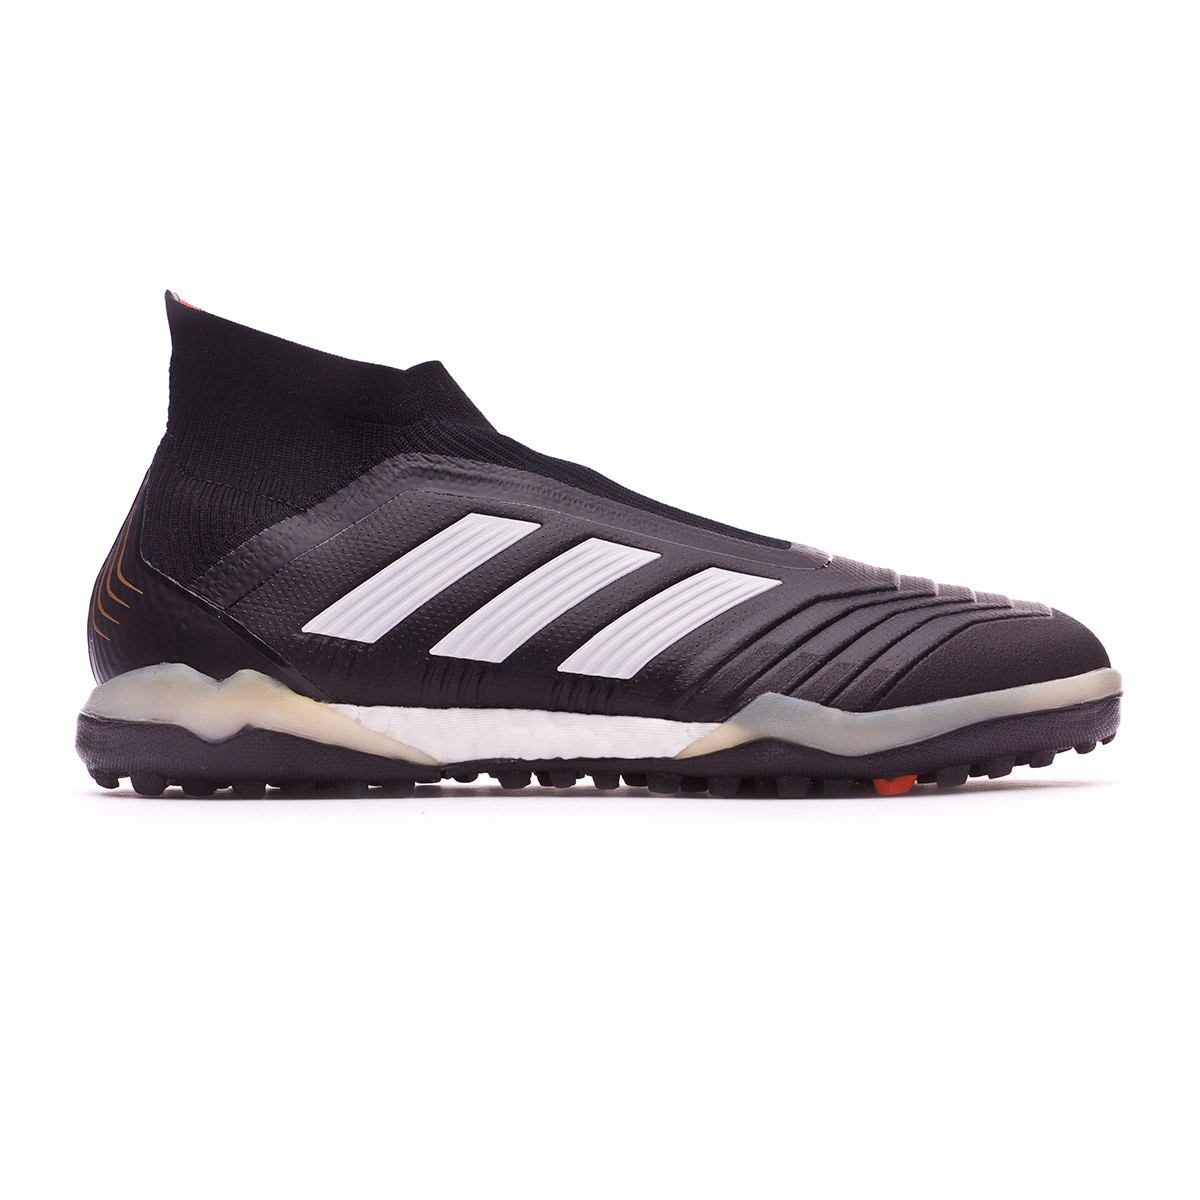 Adidas Predator Tango 18+ Césped o5pt25